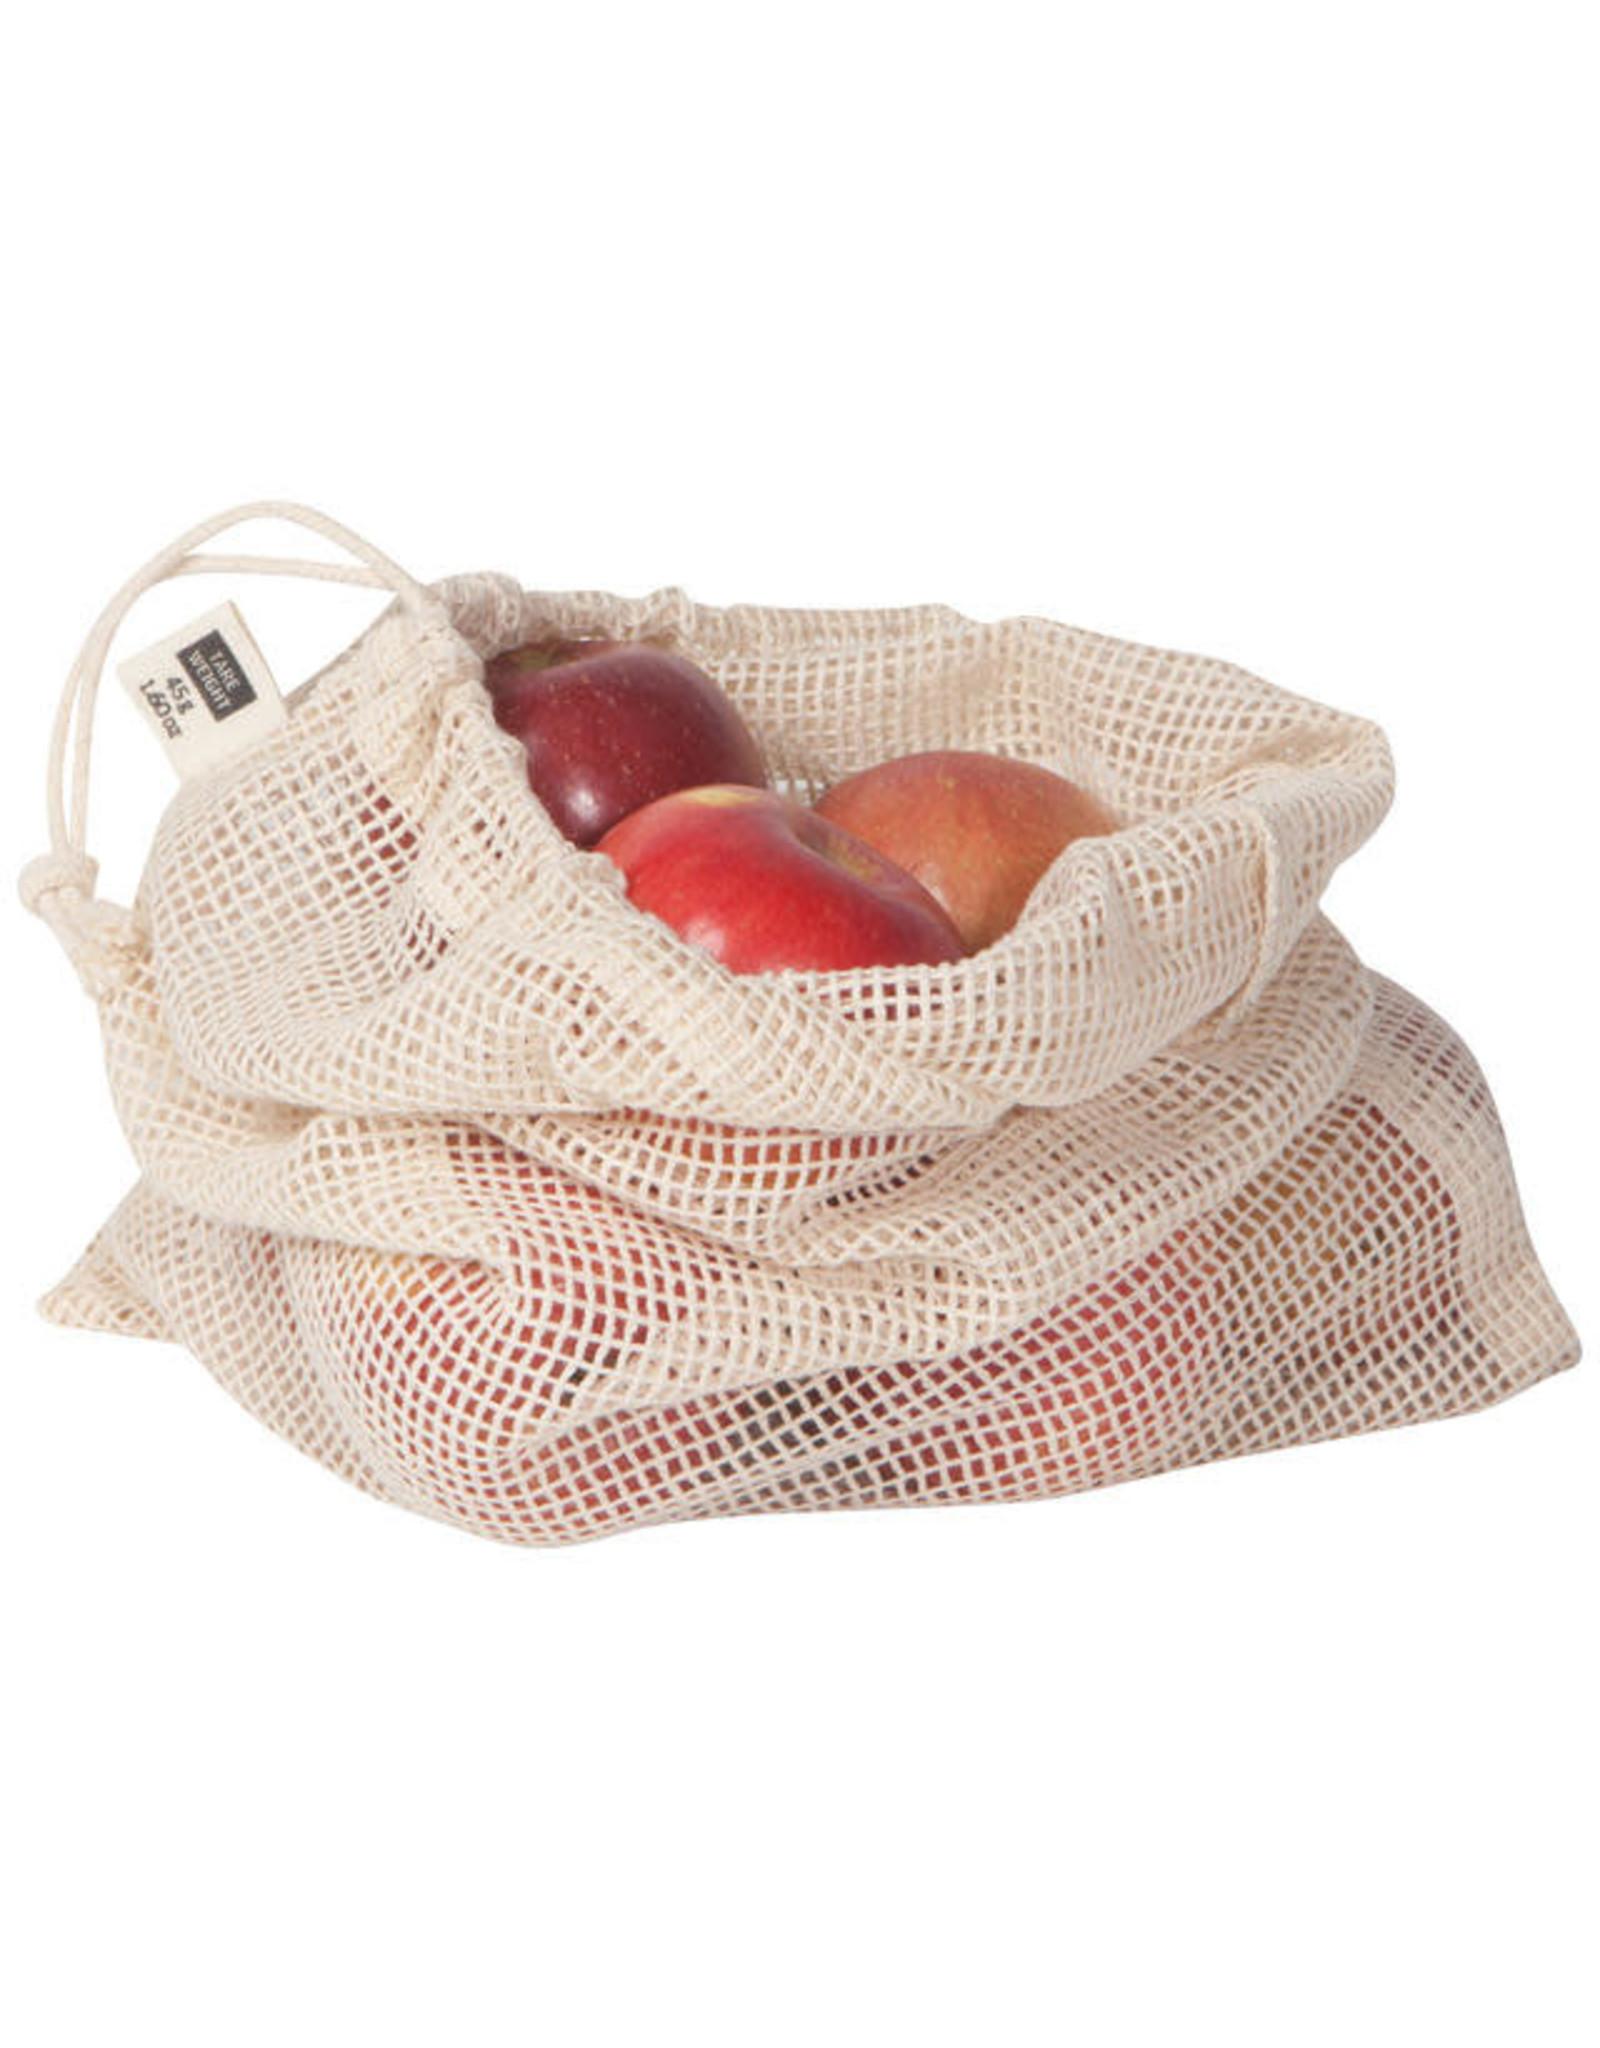 le Marche Produce Bags Set of 3